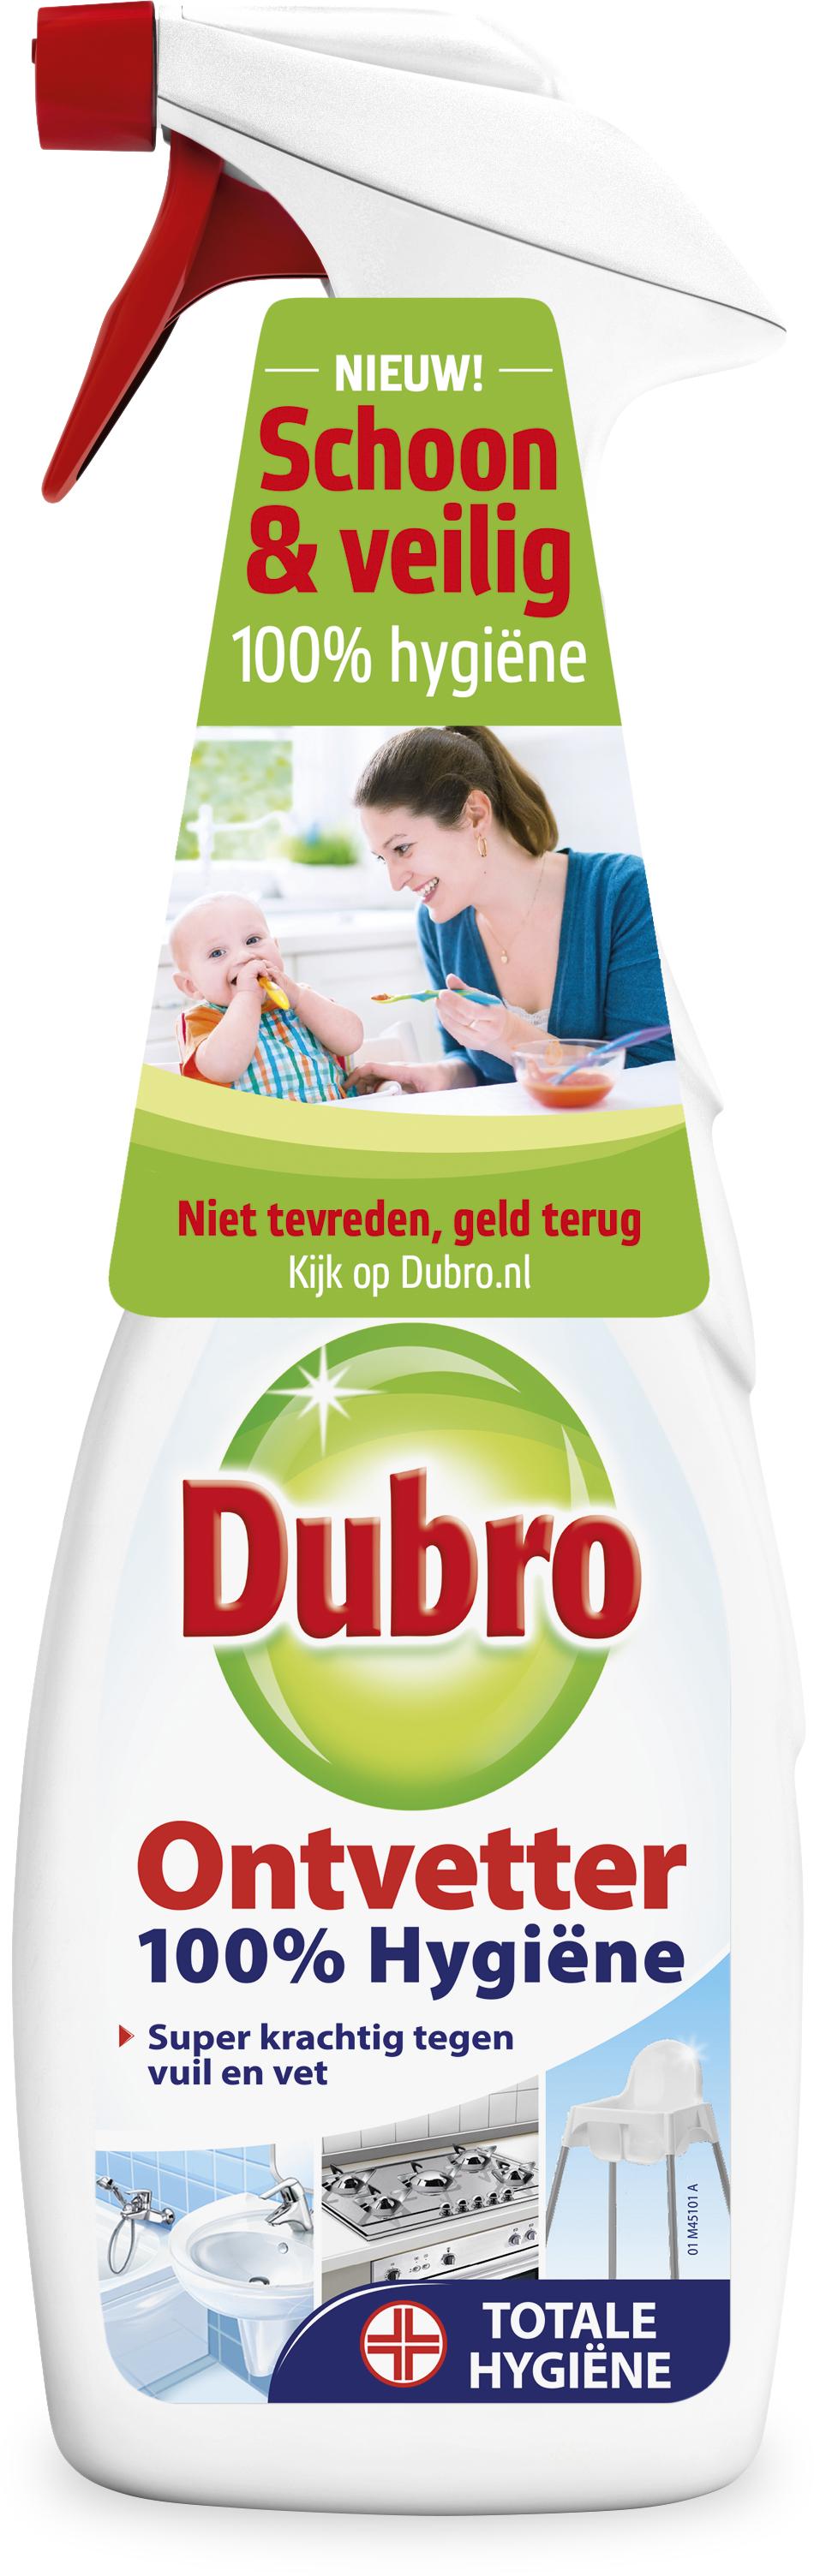 Gratis - Geld terug bij Dubro Ontvetter